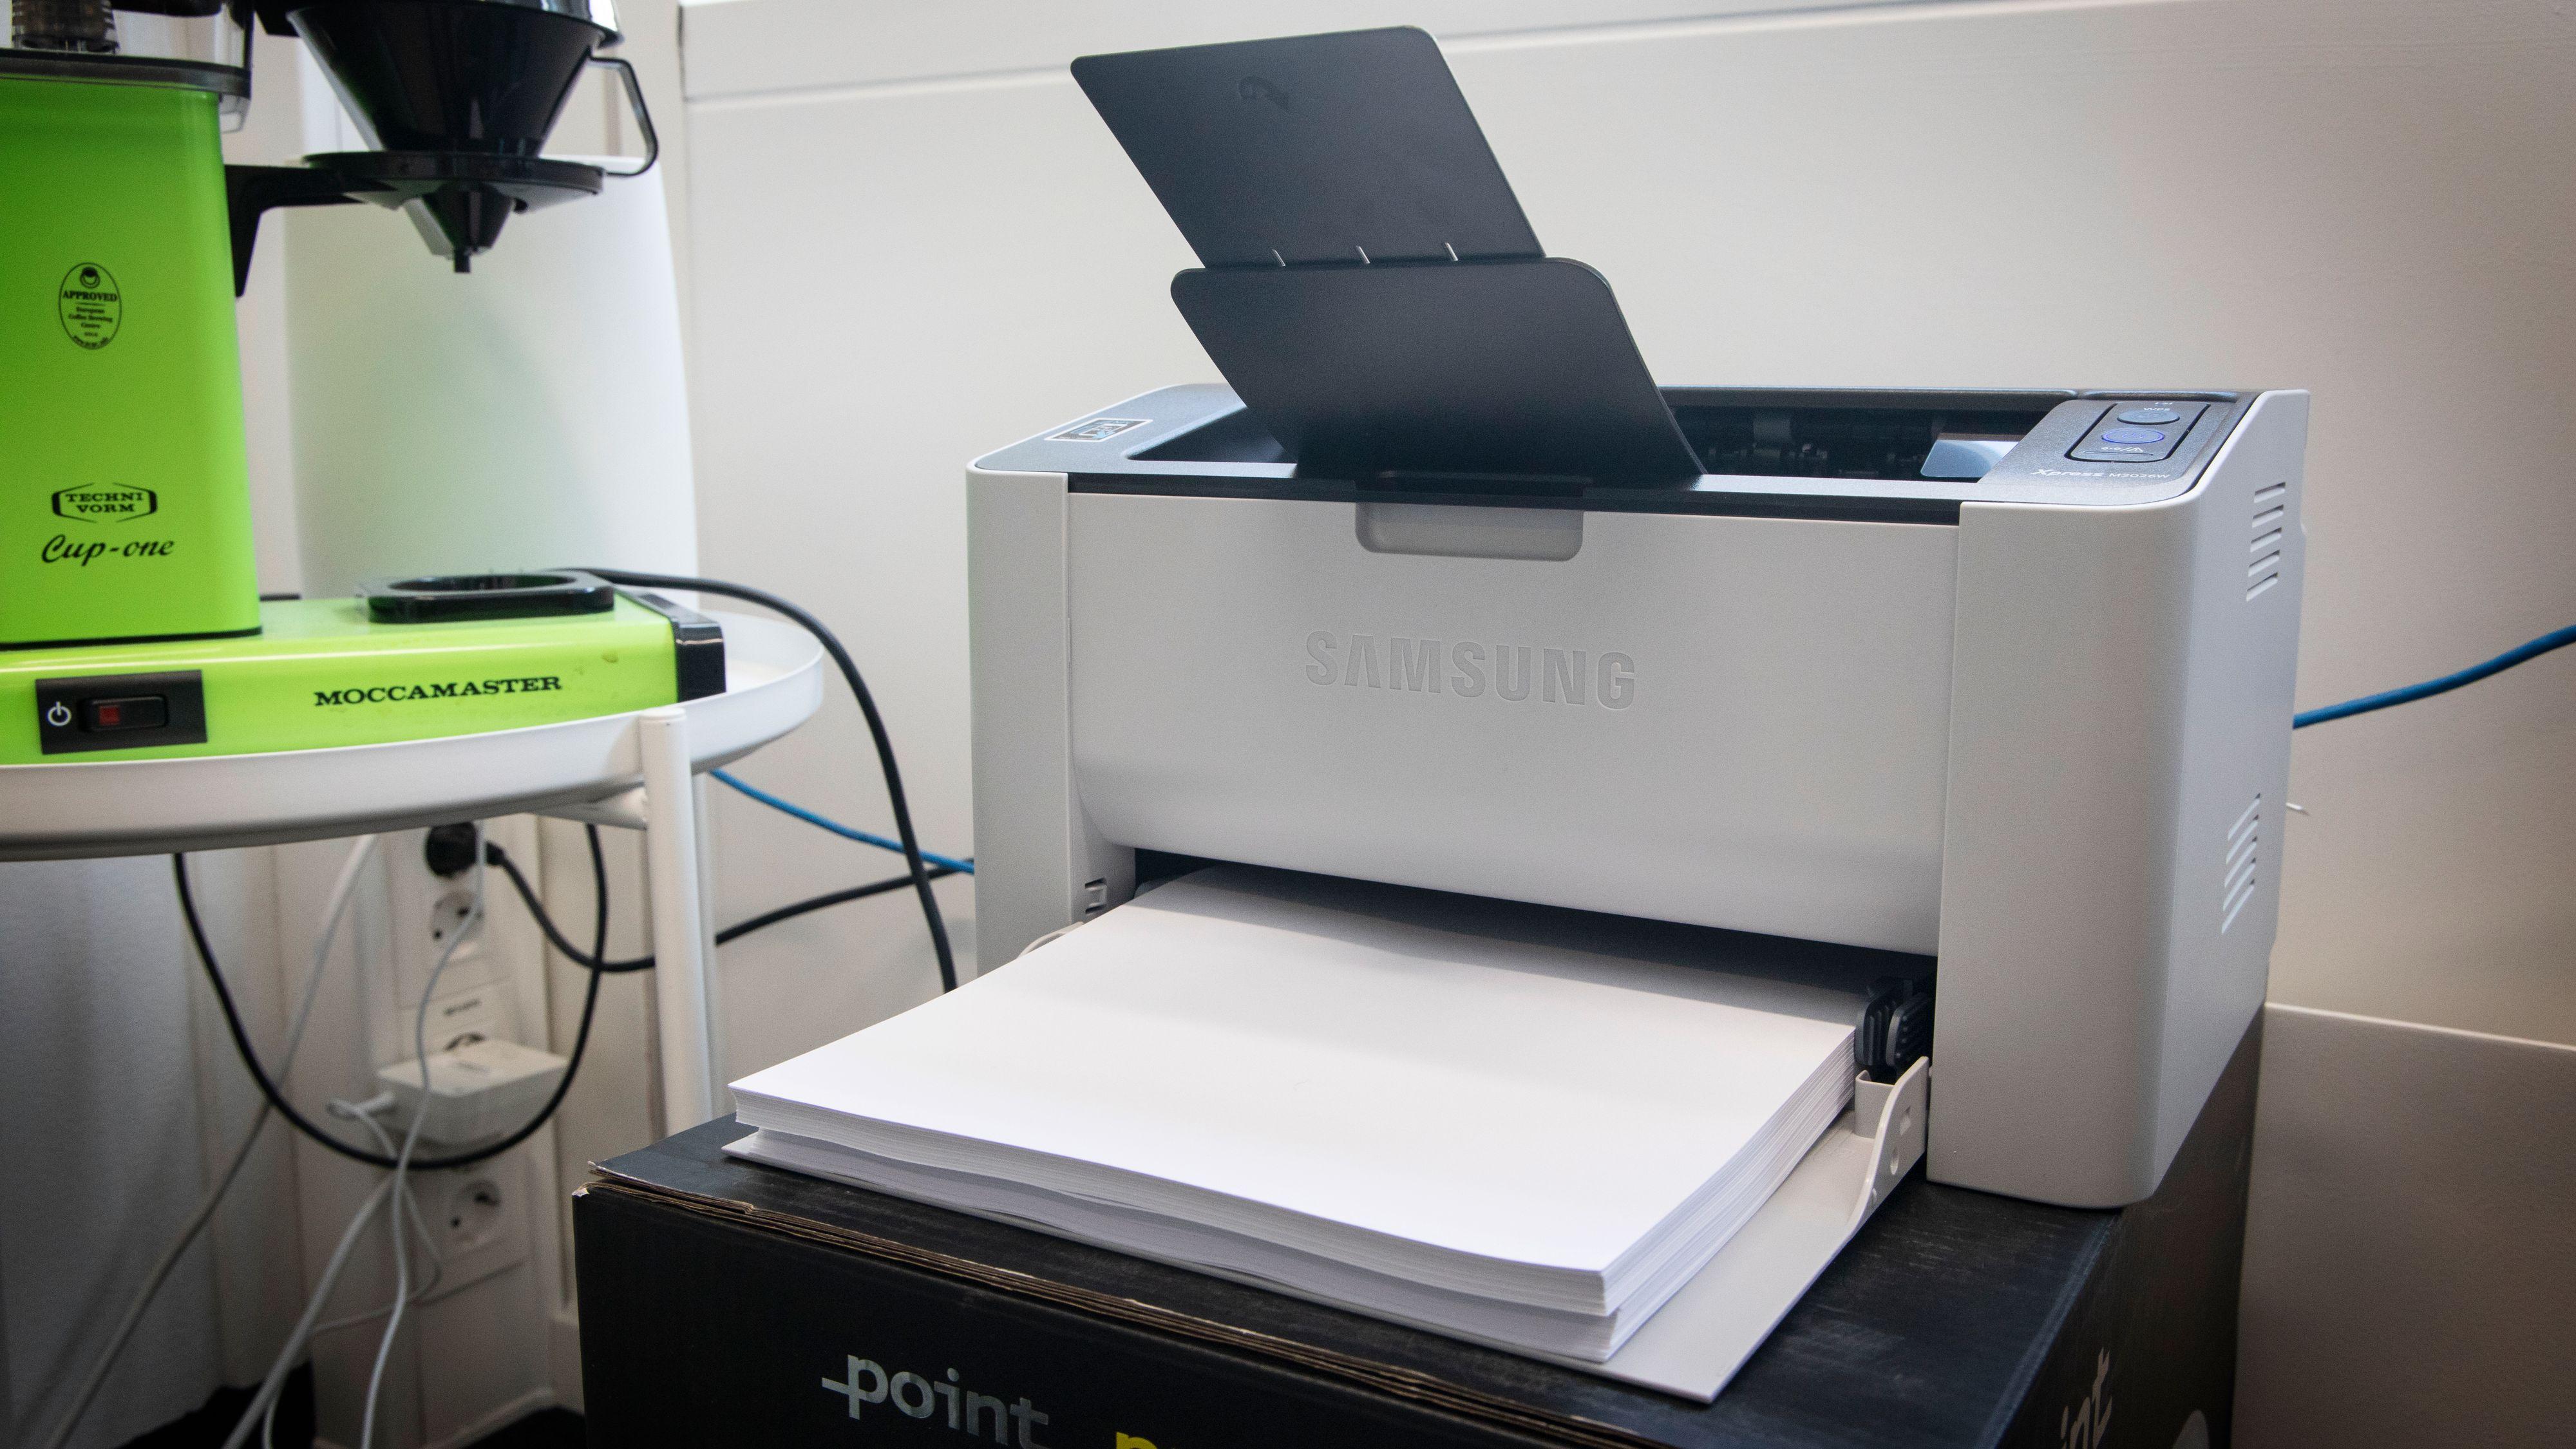 En enkel og beskjeden svart-hvitt-laser tenker du. Men det er før du har koblet den til Wi-Fi og fått programvaren til å virke uten feilmeldinger.